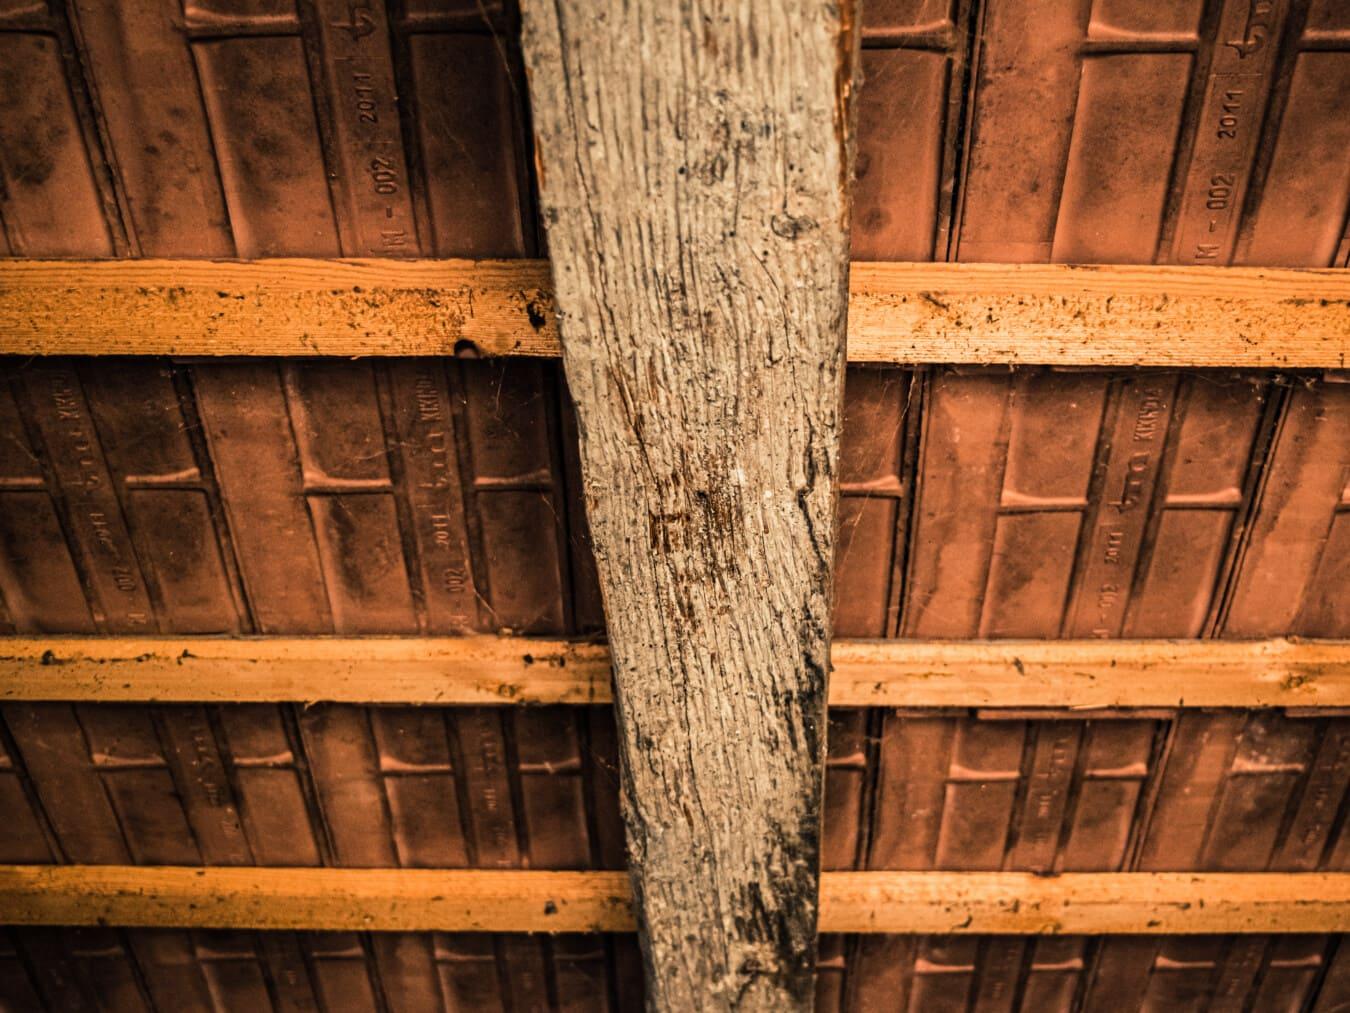 toit, en dessous, vintage, céramique, tuiles, bois, sale, vieux, retro, en bois